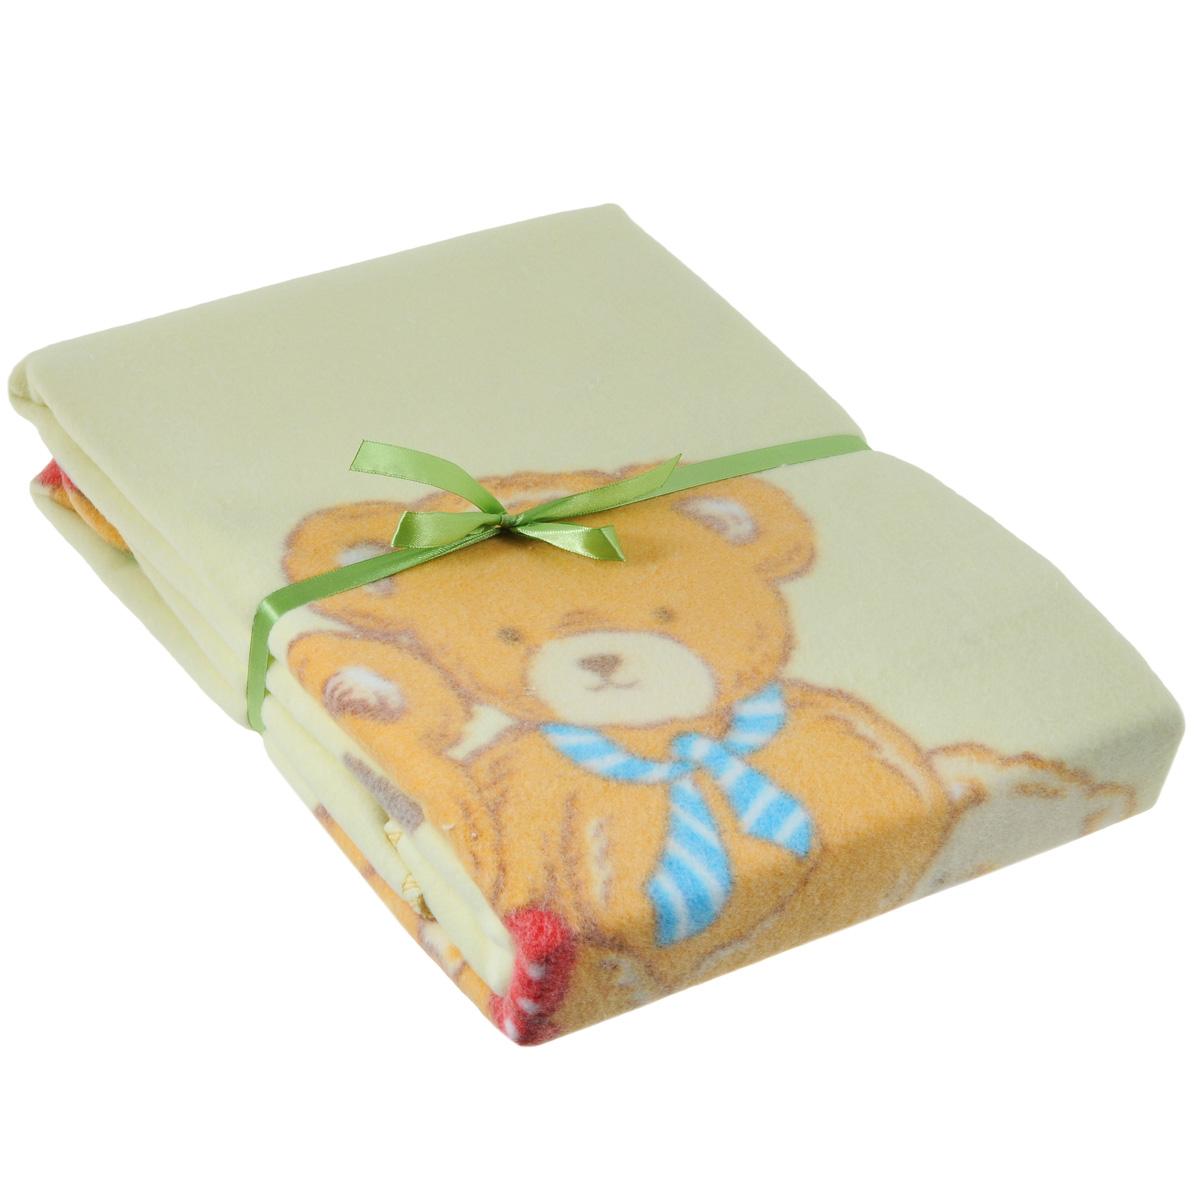 Одеяло детское Baby Nice Семейство медвежат, байковое, цвет: бежевый, 100 см x 140 смD311511Детское байковое одеяло Baby Nice Семейство медвежат изготовлено изнатурального100% хлопка и оформлено ярким рисунком. Такое одеяло будет бережно хранитьбезмятежный сон вашего ребенка. Ребенок, спящий под байковым одеялом,словно укрытый нежным мягкимоблаком, находится в тепле, и не потеет при этом. Дышащая способностьнатурального хлопка позволяет добиться такого эффекта. Легкий по ощущениямматериал имеет небольшой вес, но вместе с тем, является плотным и хорошосохраняет тепло. Кроме того, ткань гигроскопична, а значит впитываетизбыточную влагу, не становясь при этом влажной на ощупь.Детское одеяло Baby Nice Семейство медвежат - лучший выбор для тех, ктостремитсяпроявить заботу о своем ребенке.Материал: 100% хлопок. Размер: 100 см х 140 см.